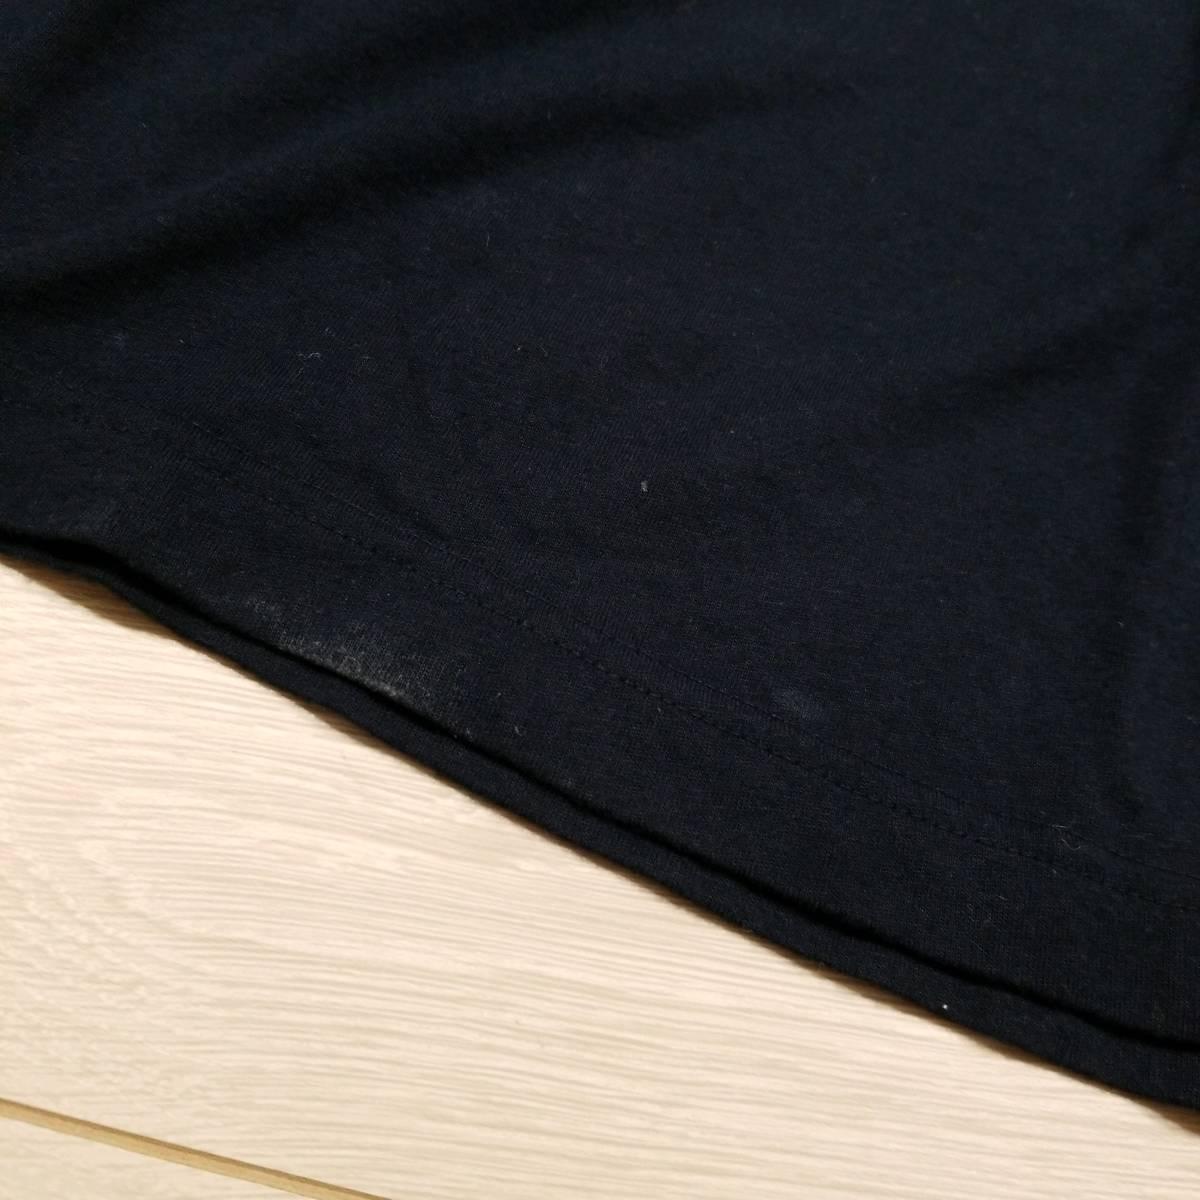 K187 UNIQLO ユニクロ ディズニー ミッキー グラフィック Tシャツ L キャラクター カットソー ネイビー系 紺系 綿100% コットン メンズ ..